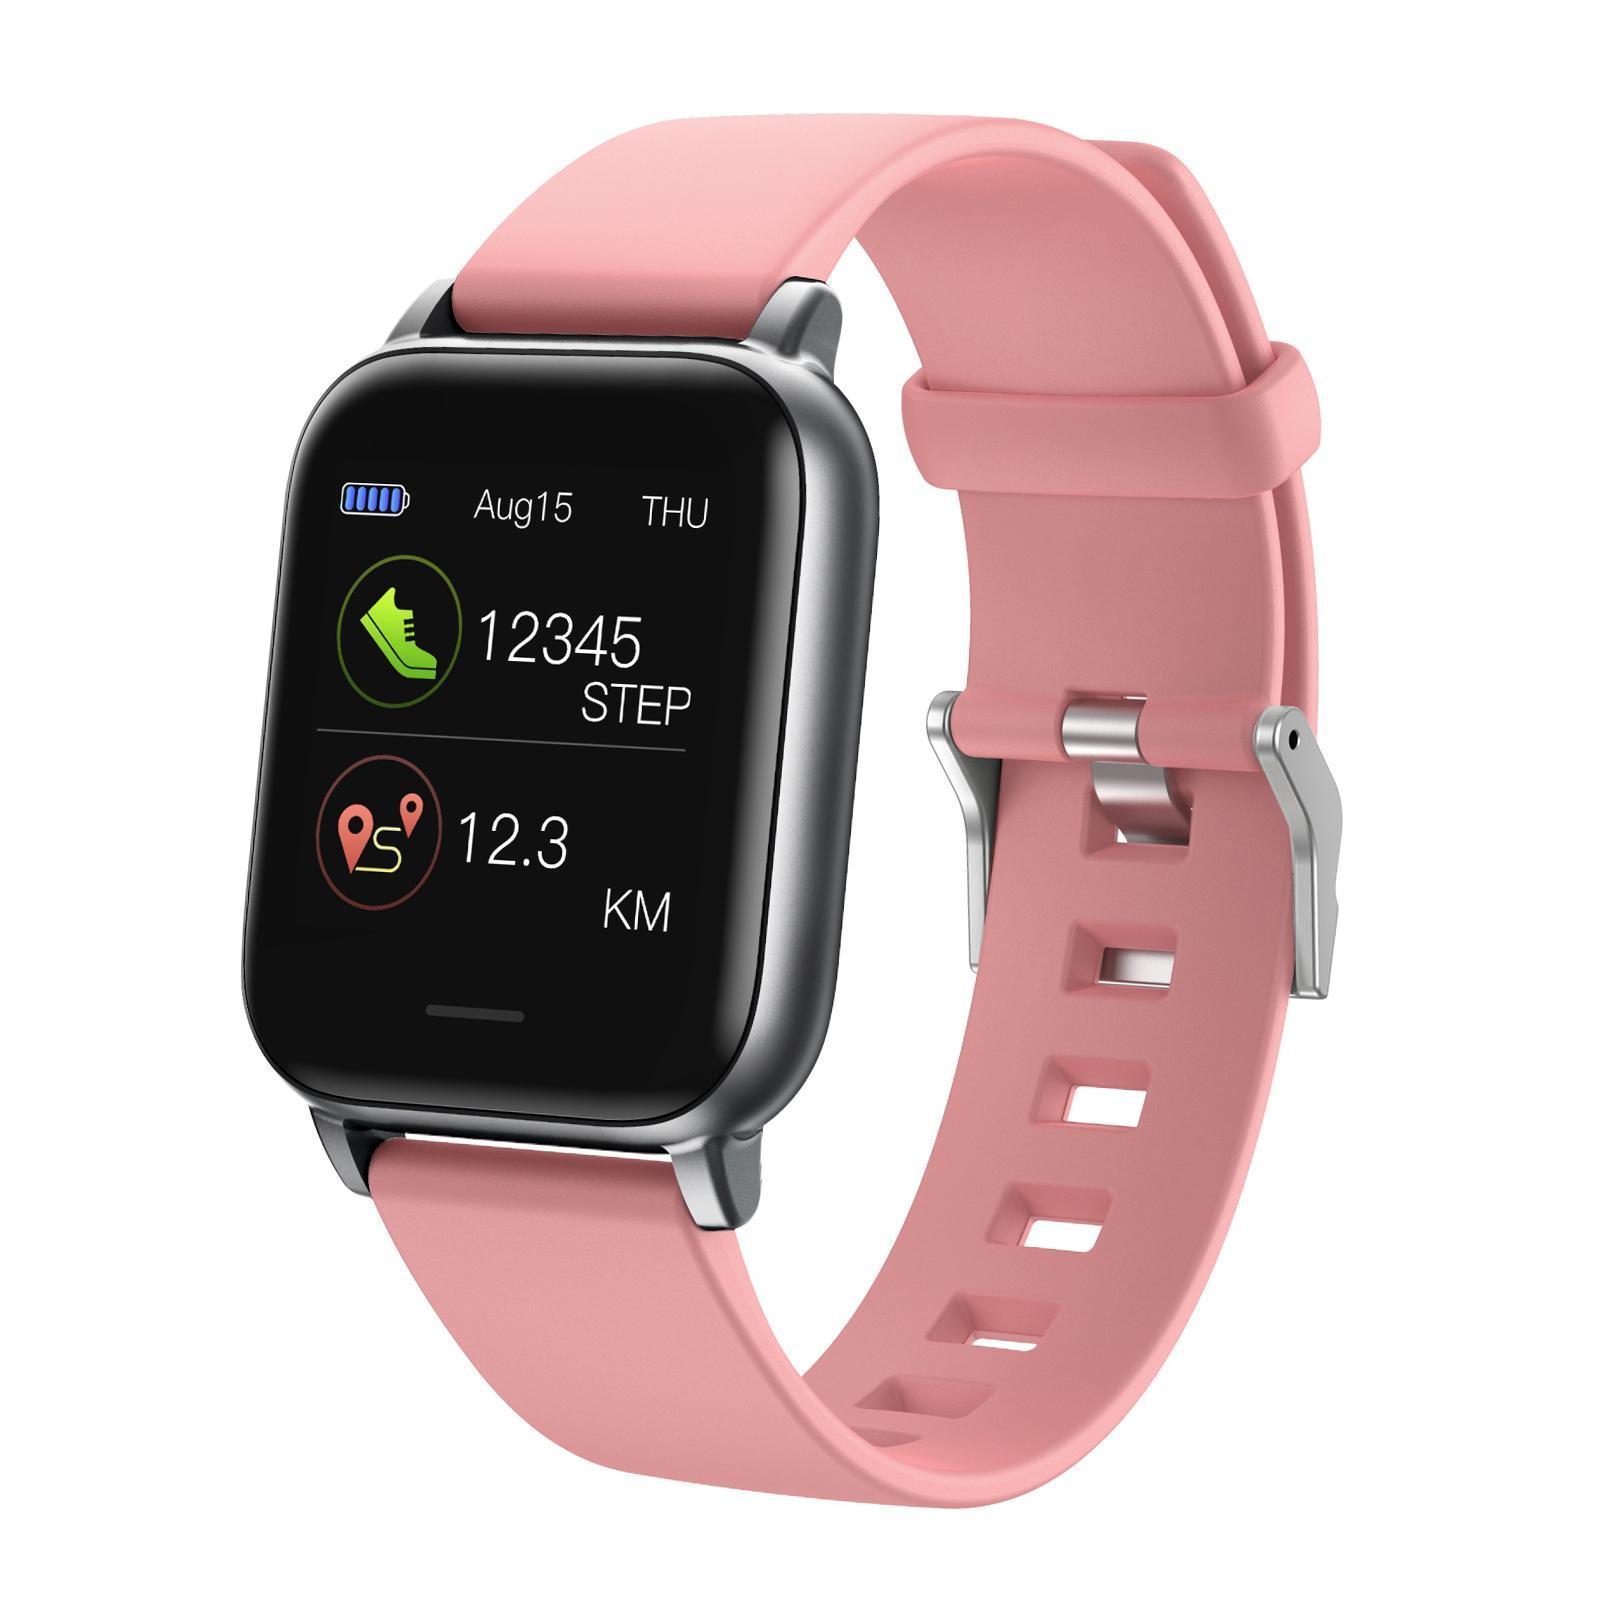 miniature 5 - 2021 NOUVEAU Bluetooth Fitness Tracker Smartwatch Sommeil Moniteur Étanche